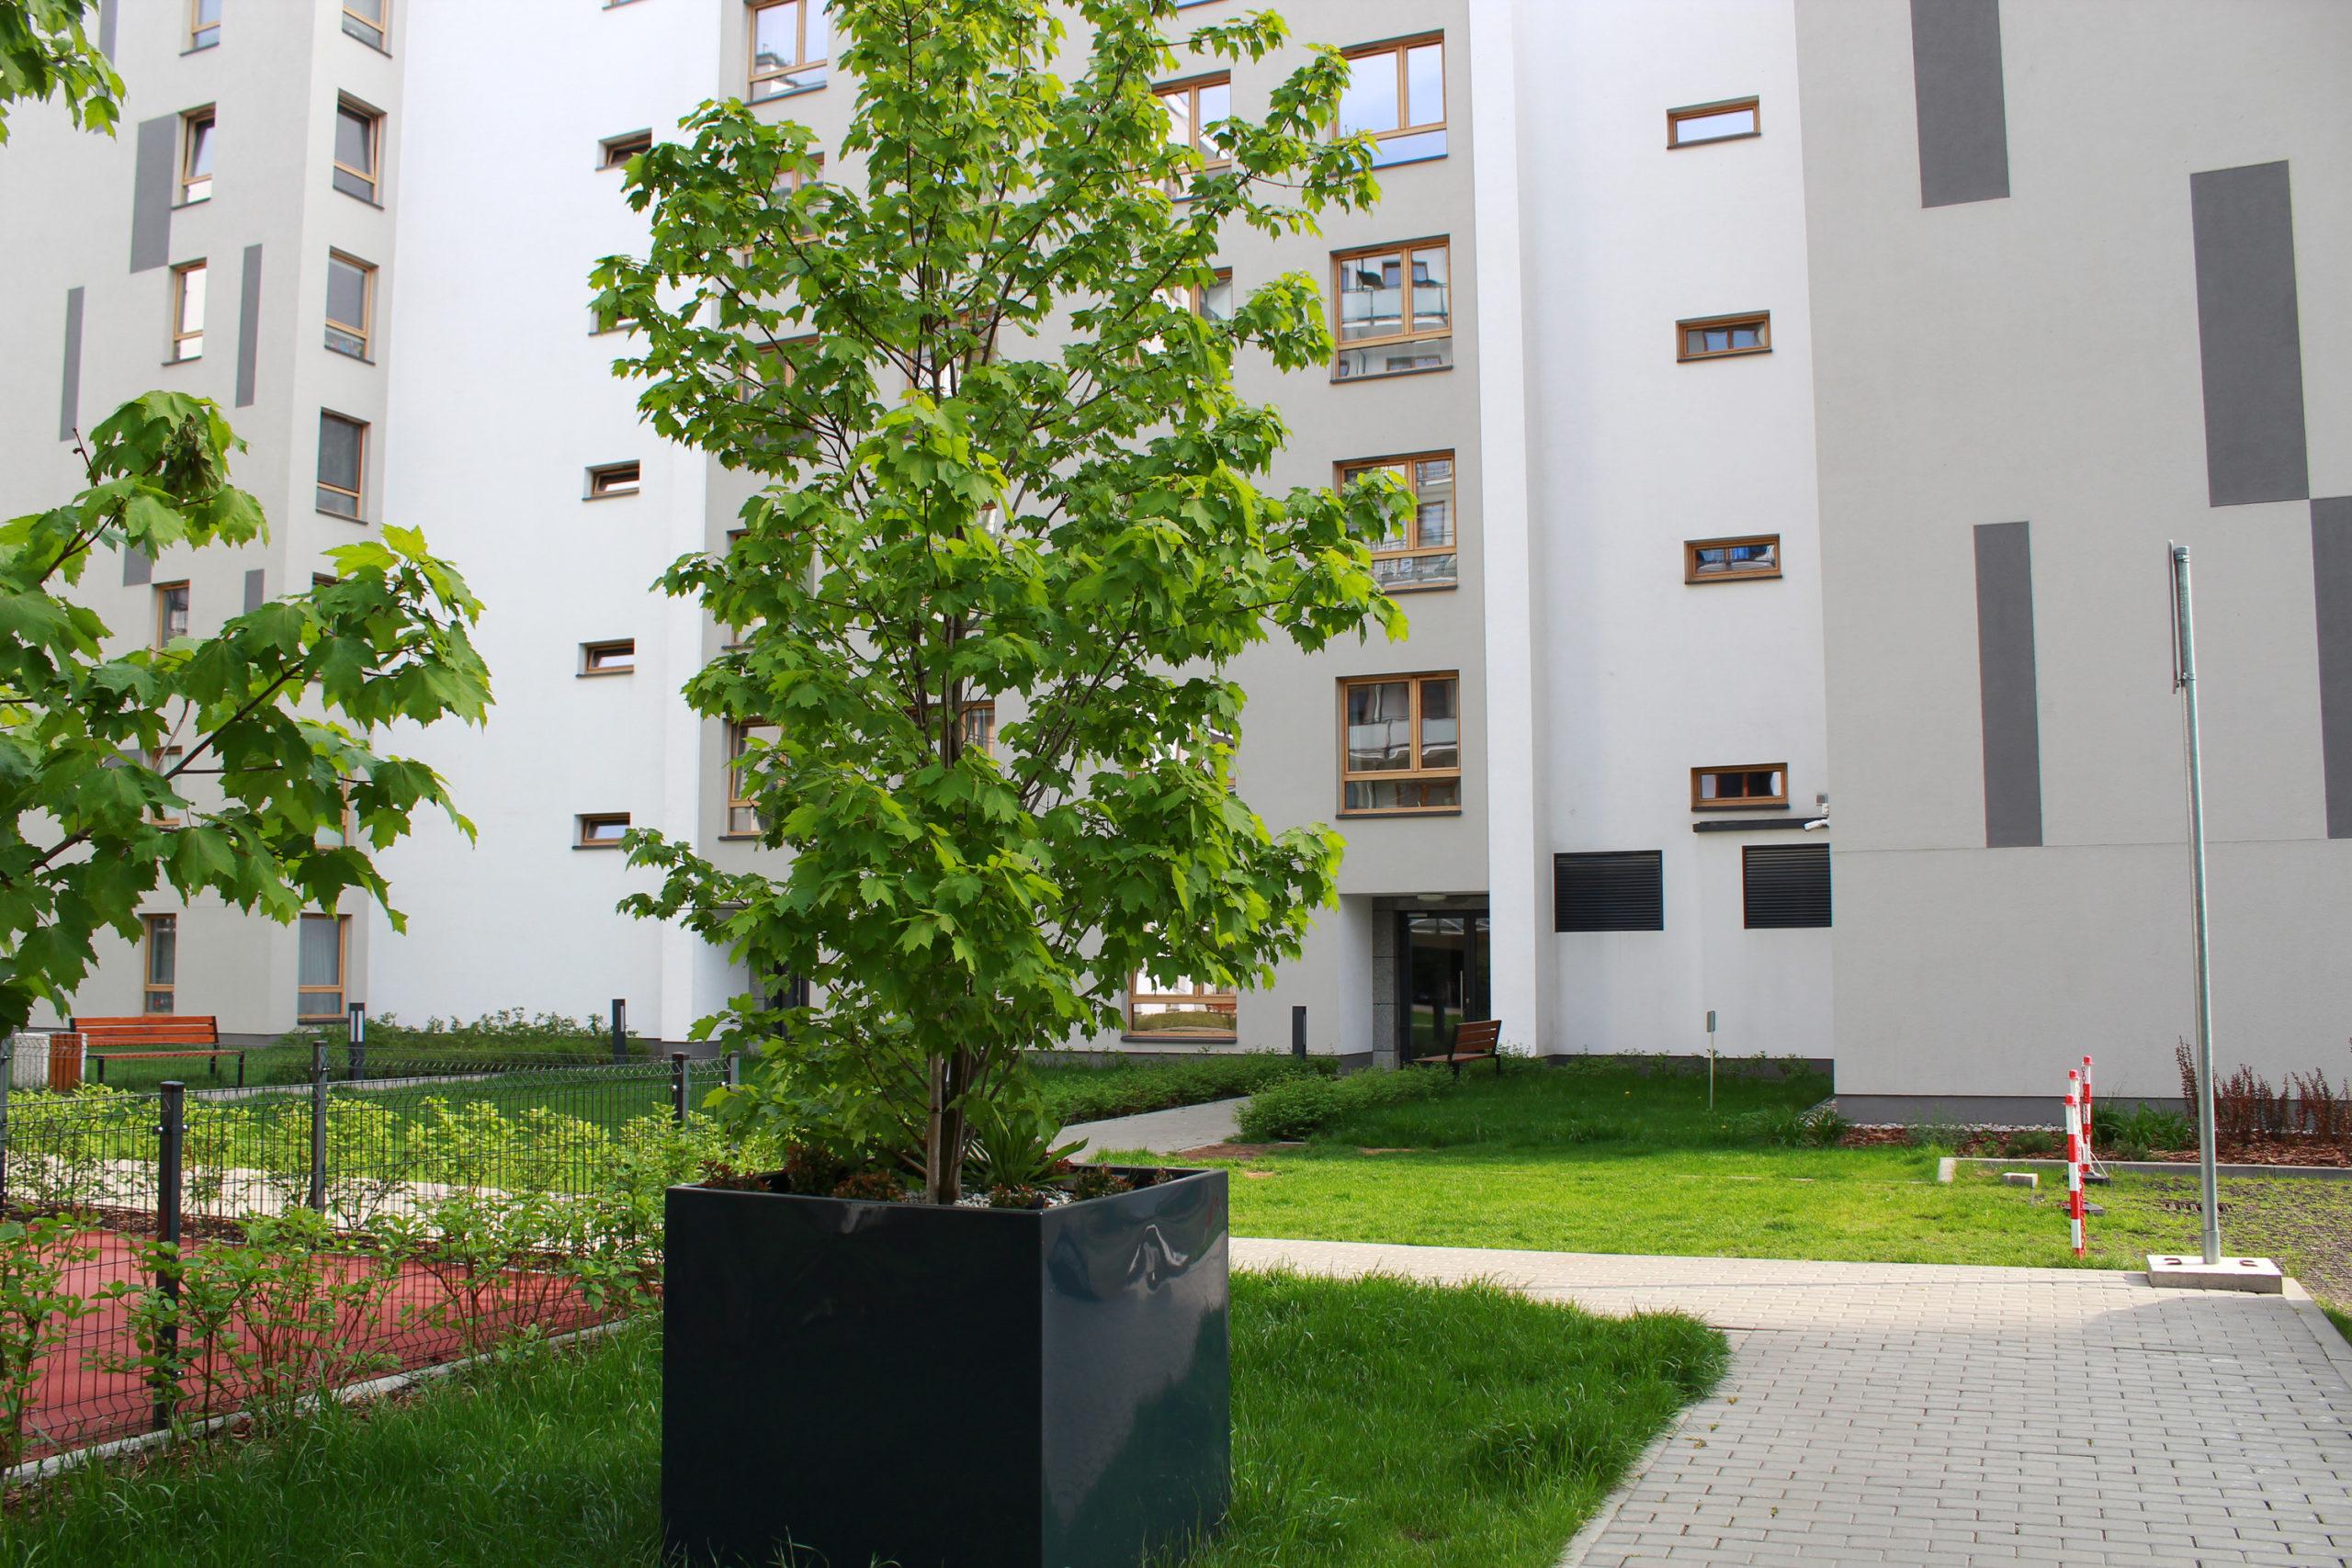 drzewo w donicy na osiedlu